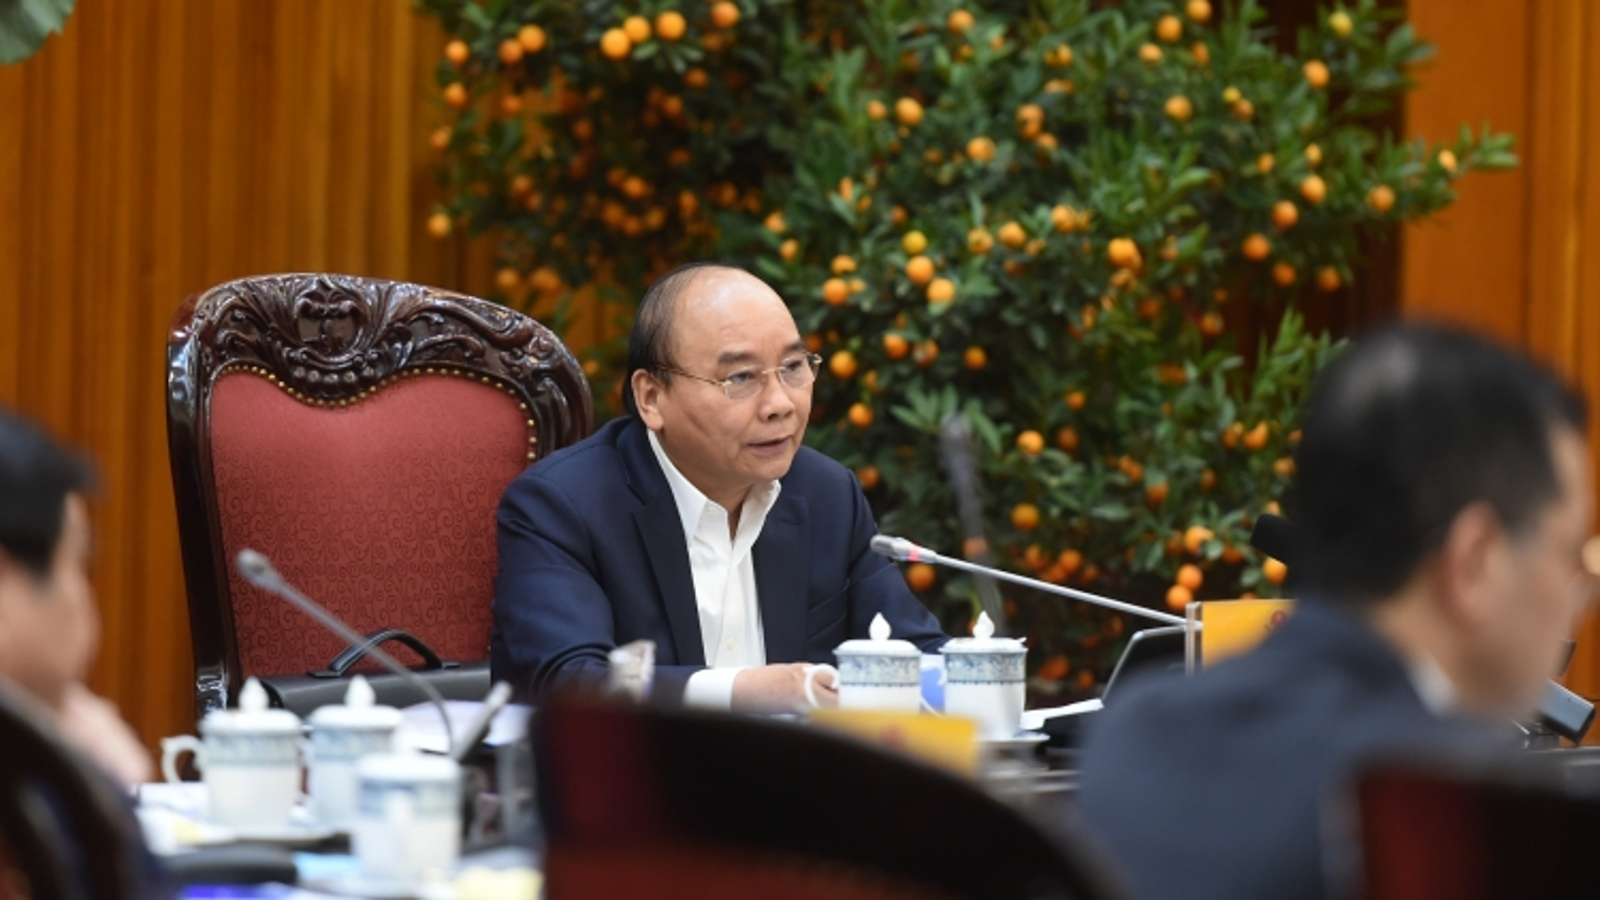 Thủ tướng: Chính quyền đô thị cũng phải phục vụ người dân và doanh nghiệp